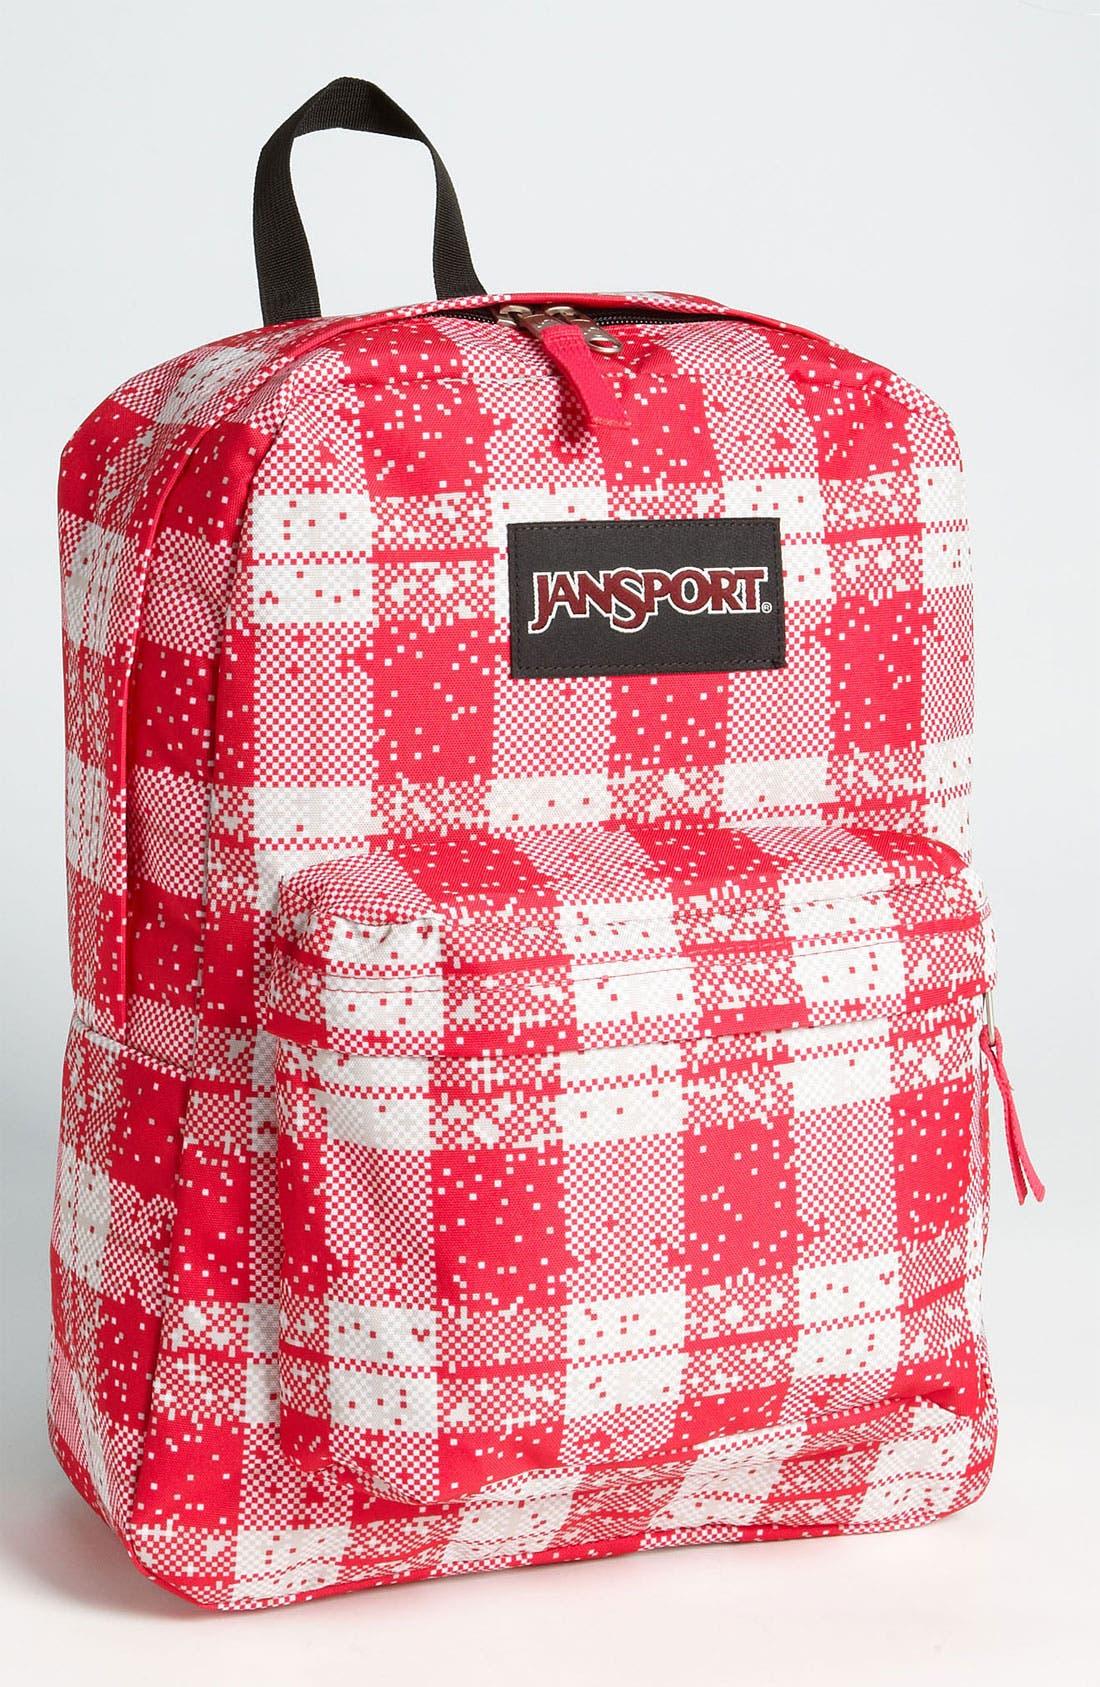 Alternate Image 1 Selected - Jansport Backpack (Girls)